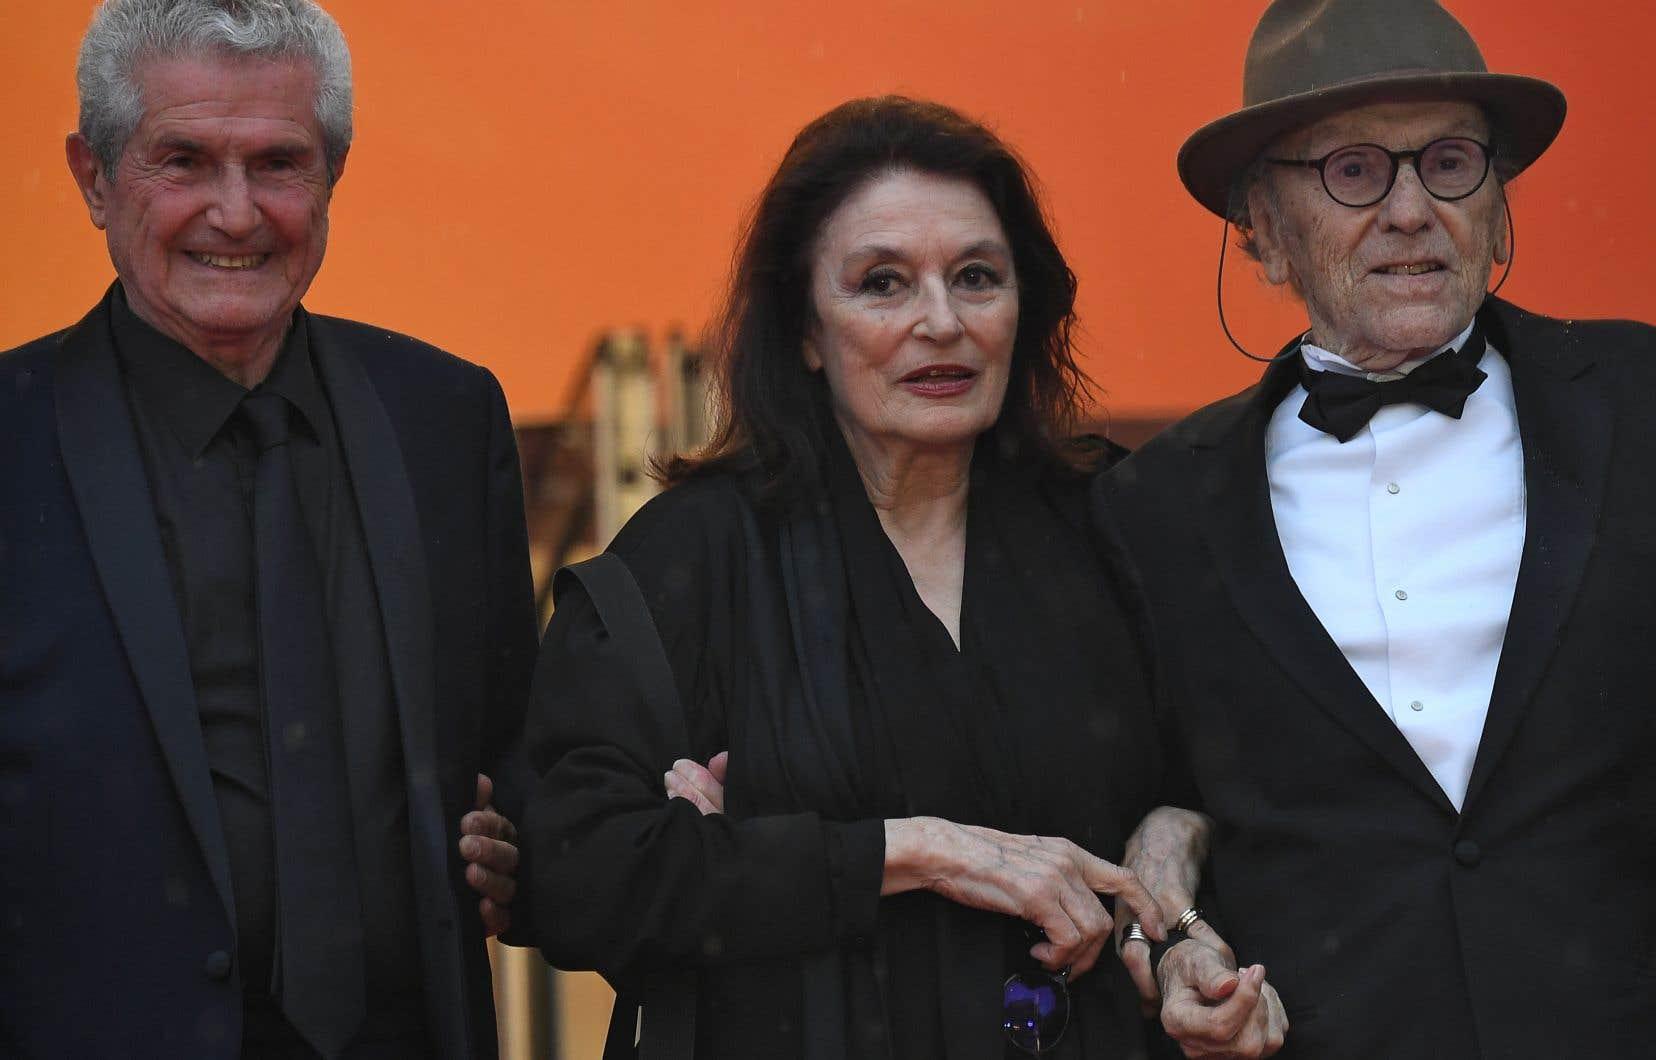 Avec<em>Les plus belles années d'une vie</em> de Claude Lelouch retrouve Anouk AiméeetJean-Louis Trintignant.